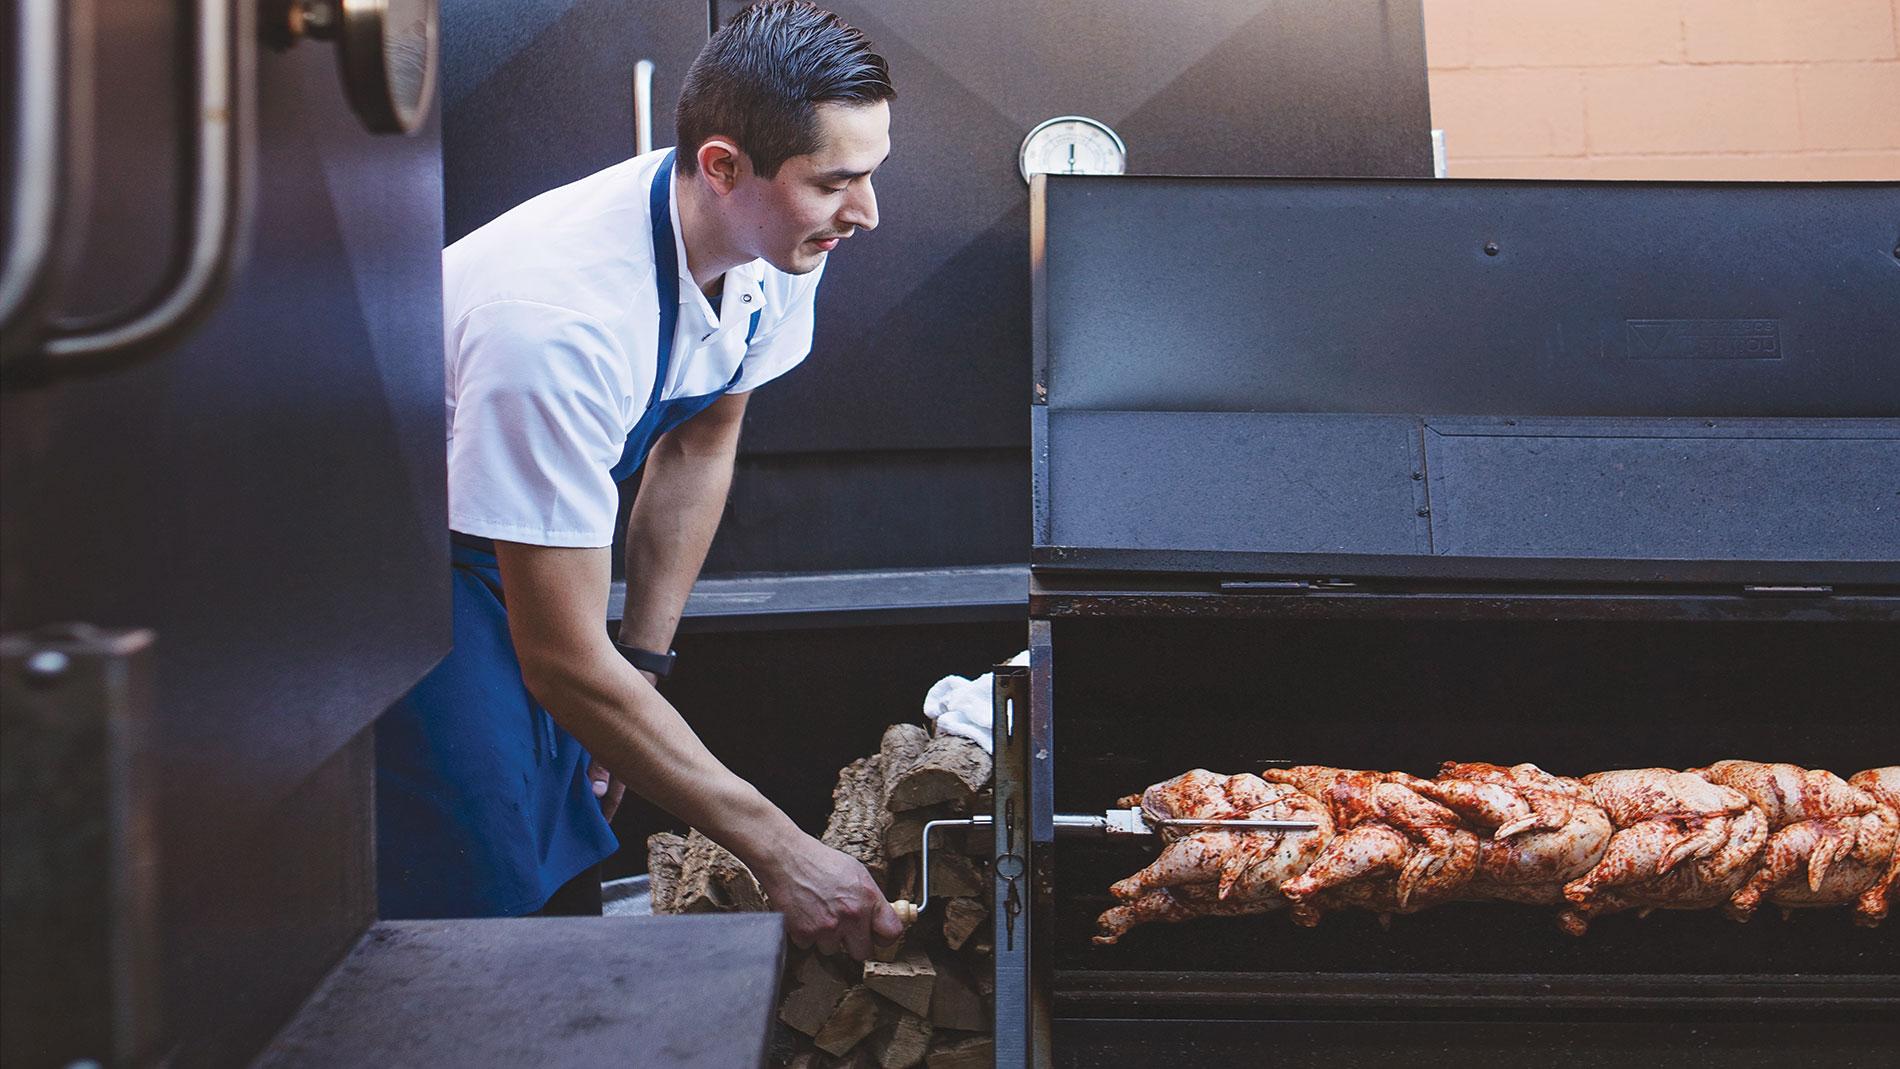 andrew enrique cisneros works on his brasas de pollo, a peruvian rotisserie-style chicken